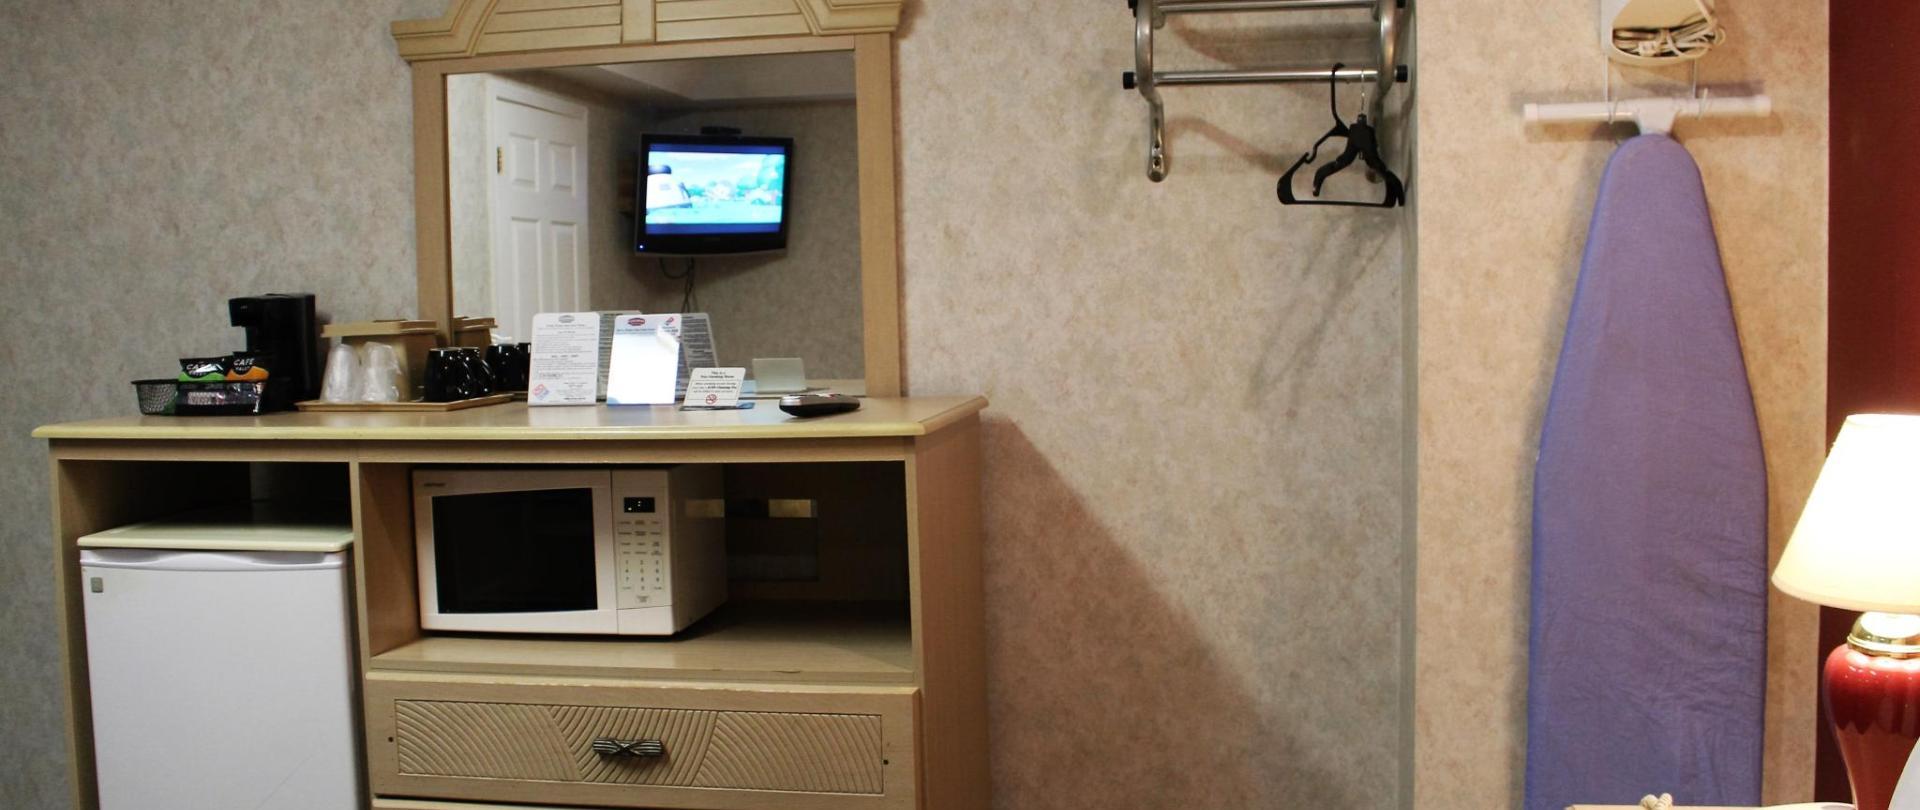 Room Amenities 2.JPG